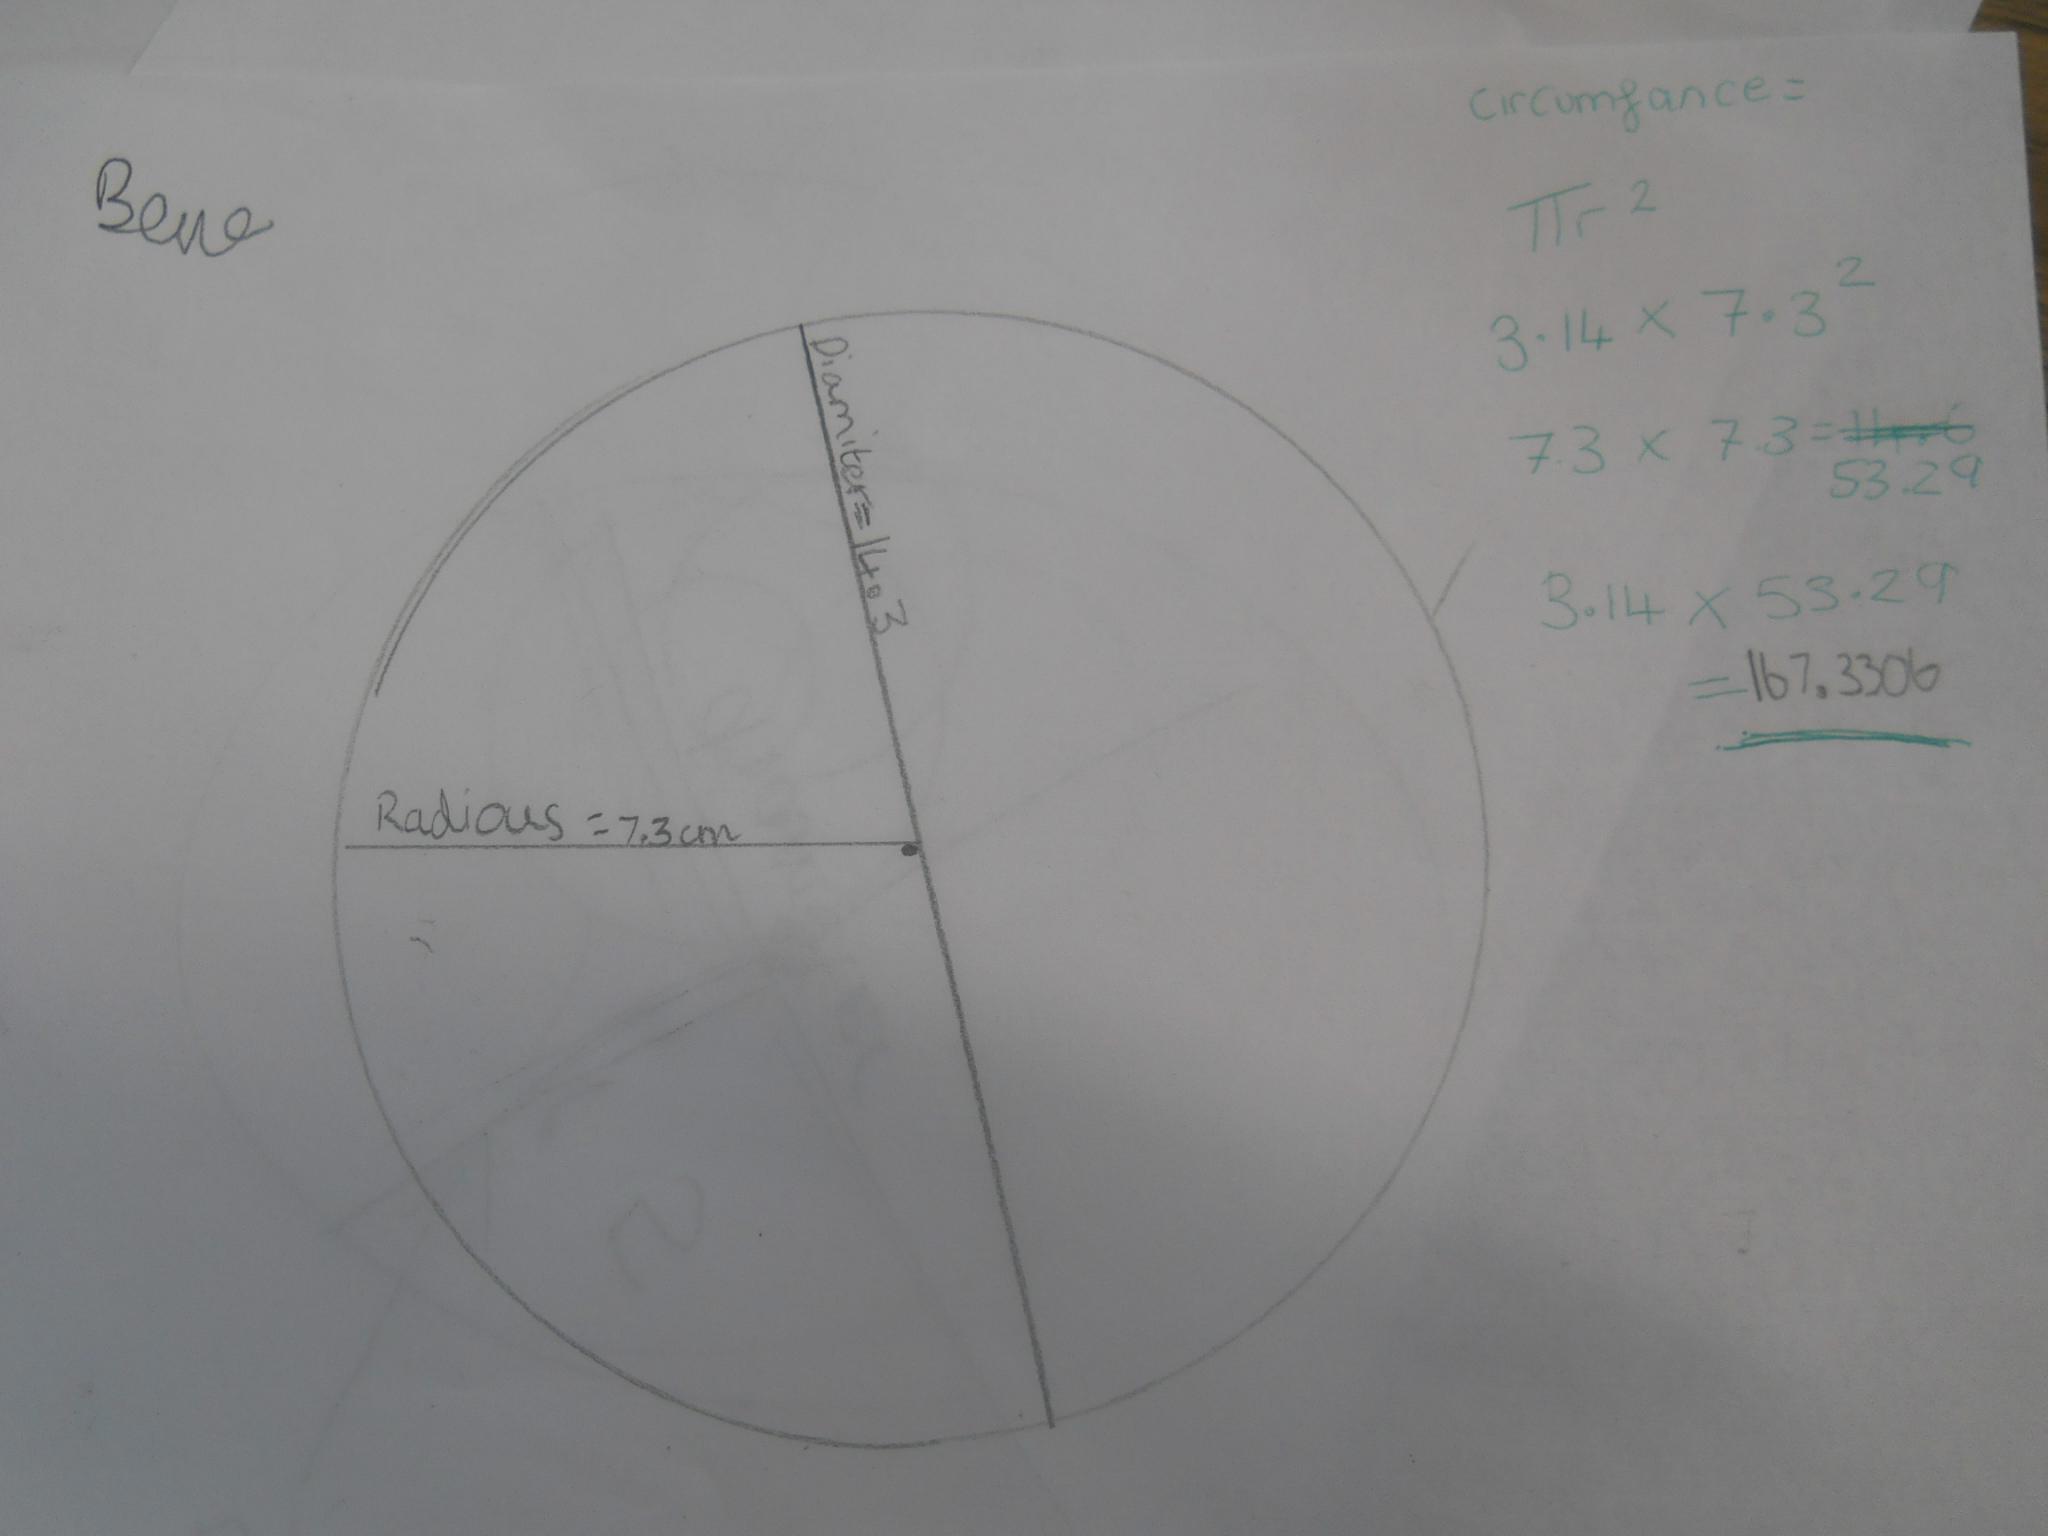 Year 6 Circle Work